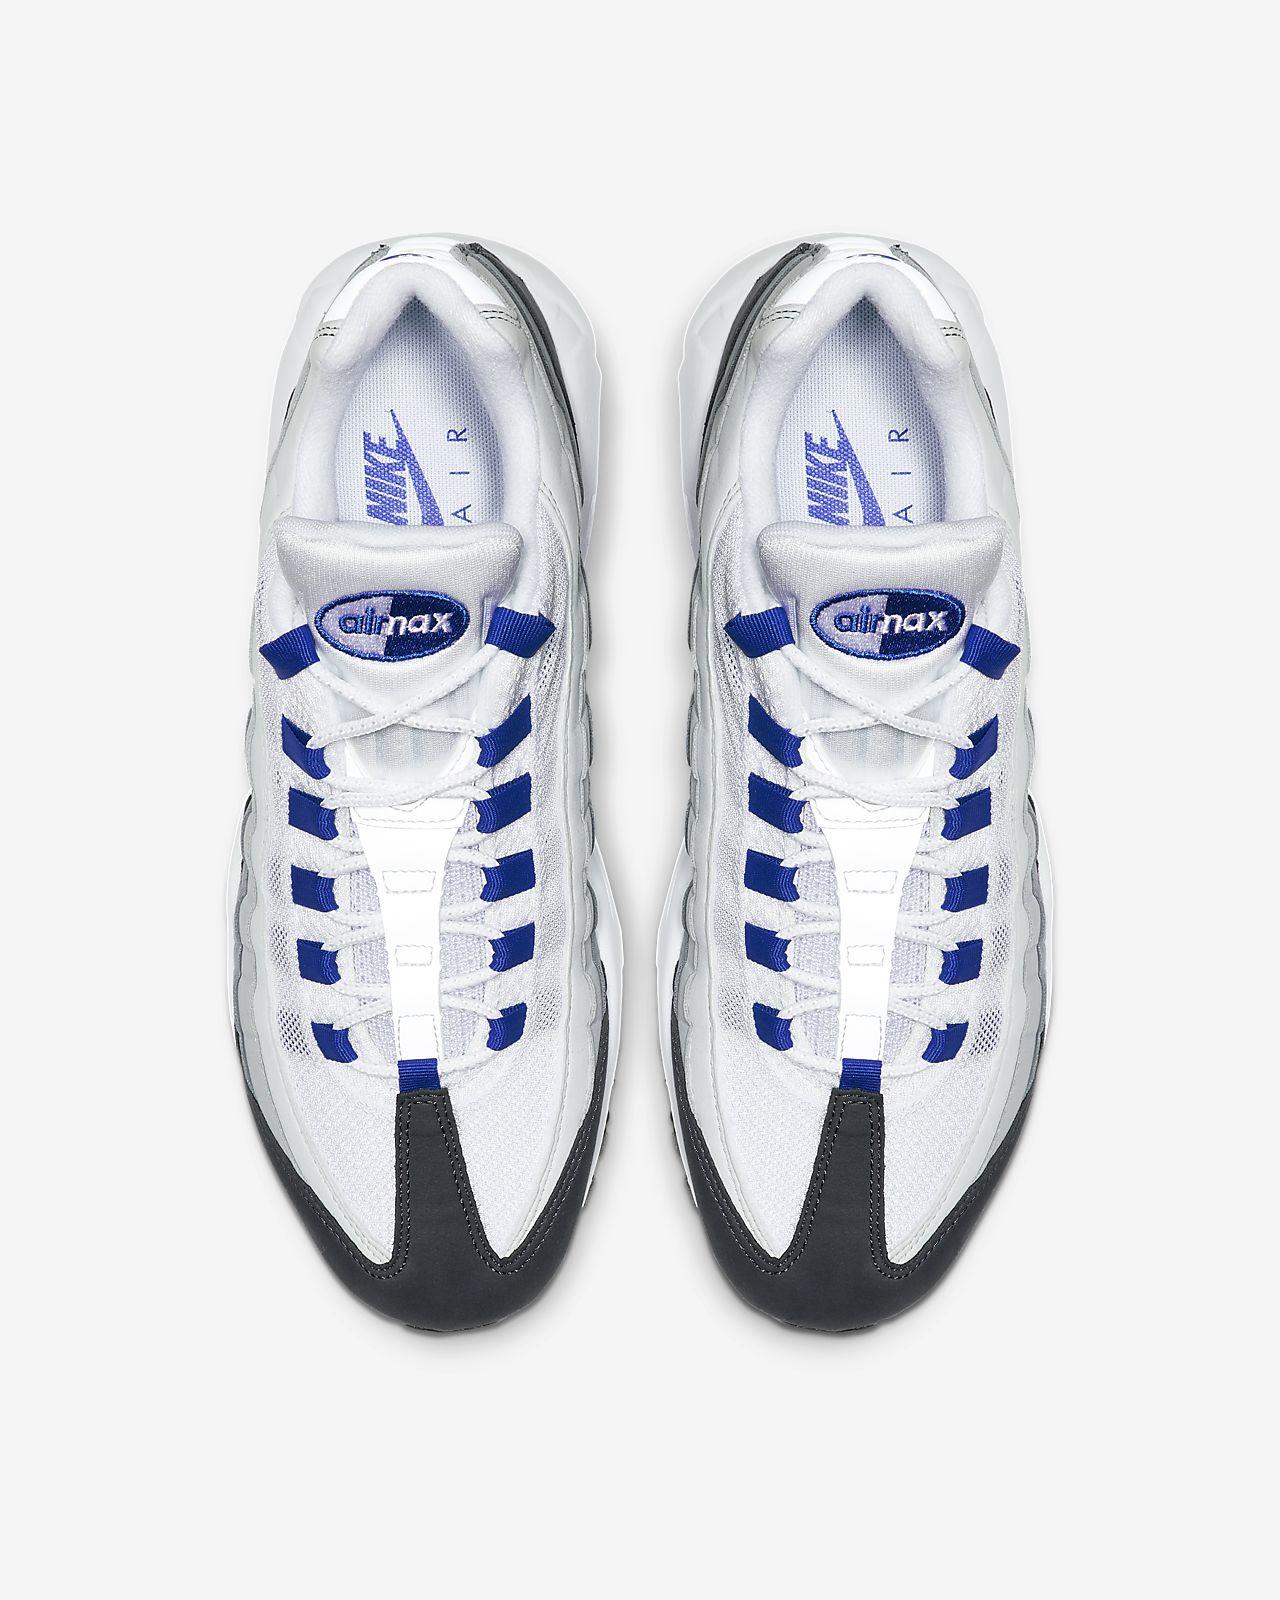 Buty męskie Nike Air Max 95 SC Biel 719.00 | Kixpoint